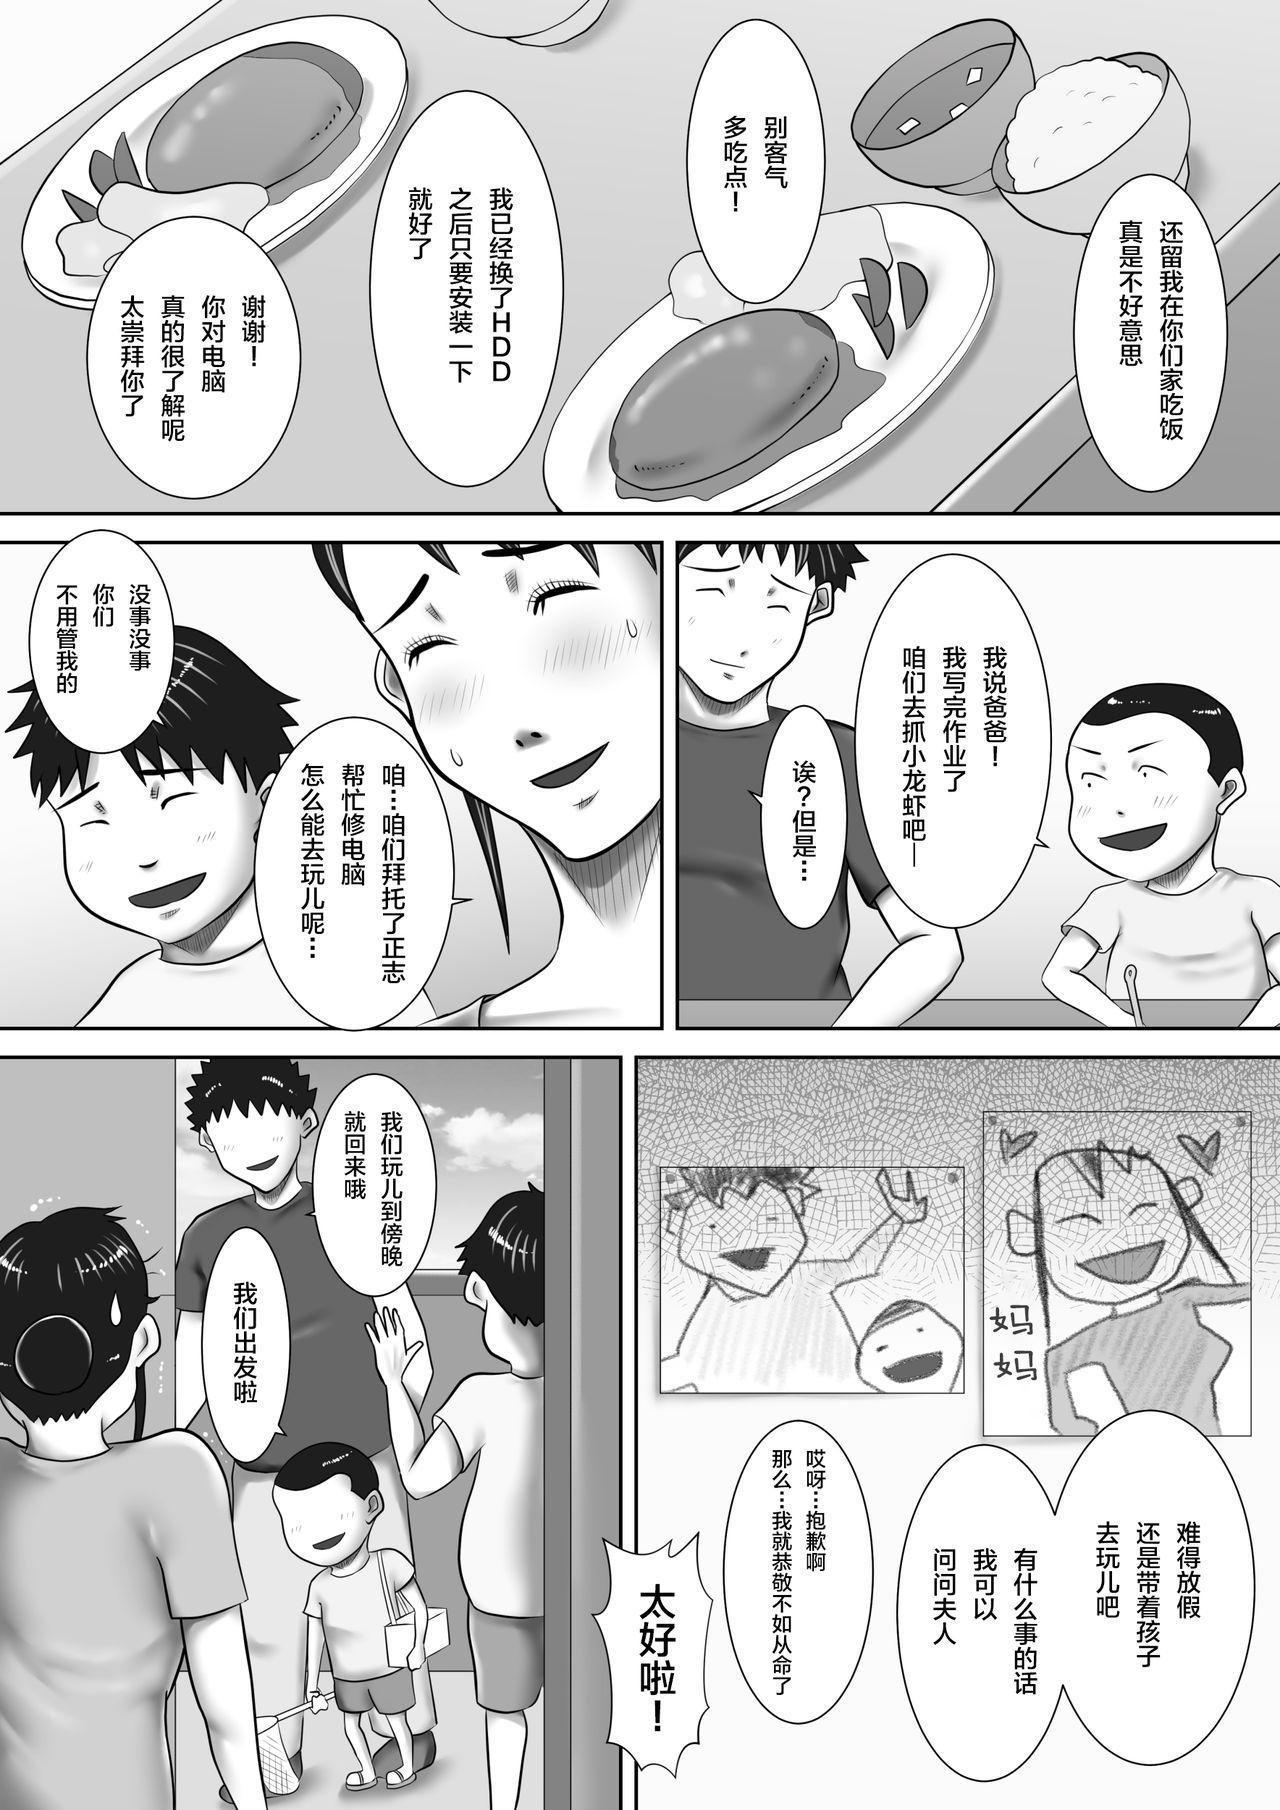 Jitaku de Netorareta Kachiki na Hitozuma 13